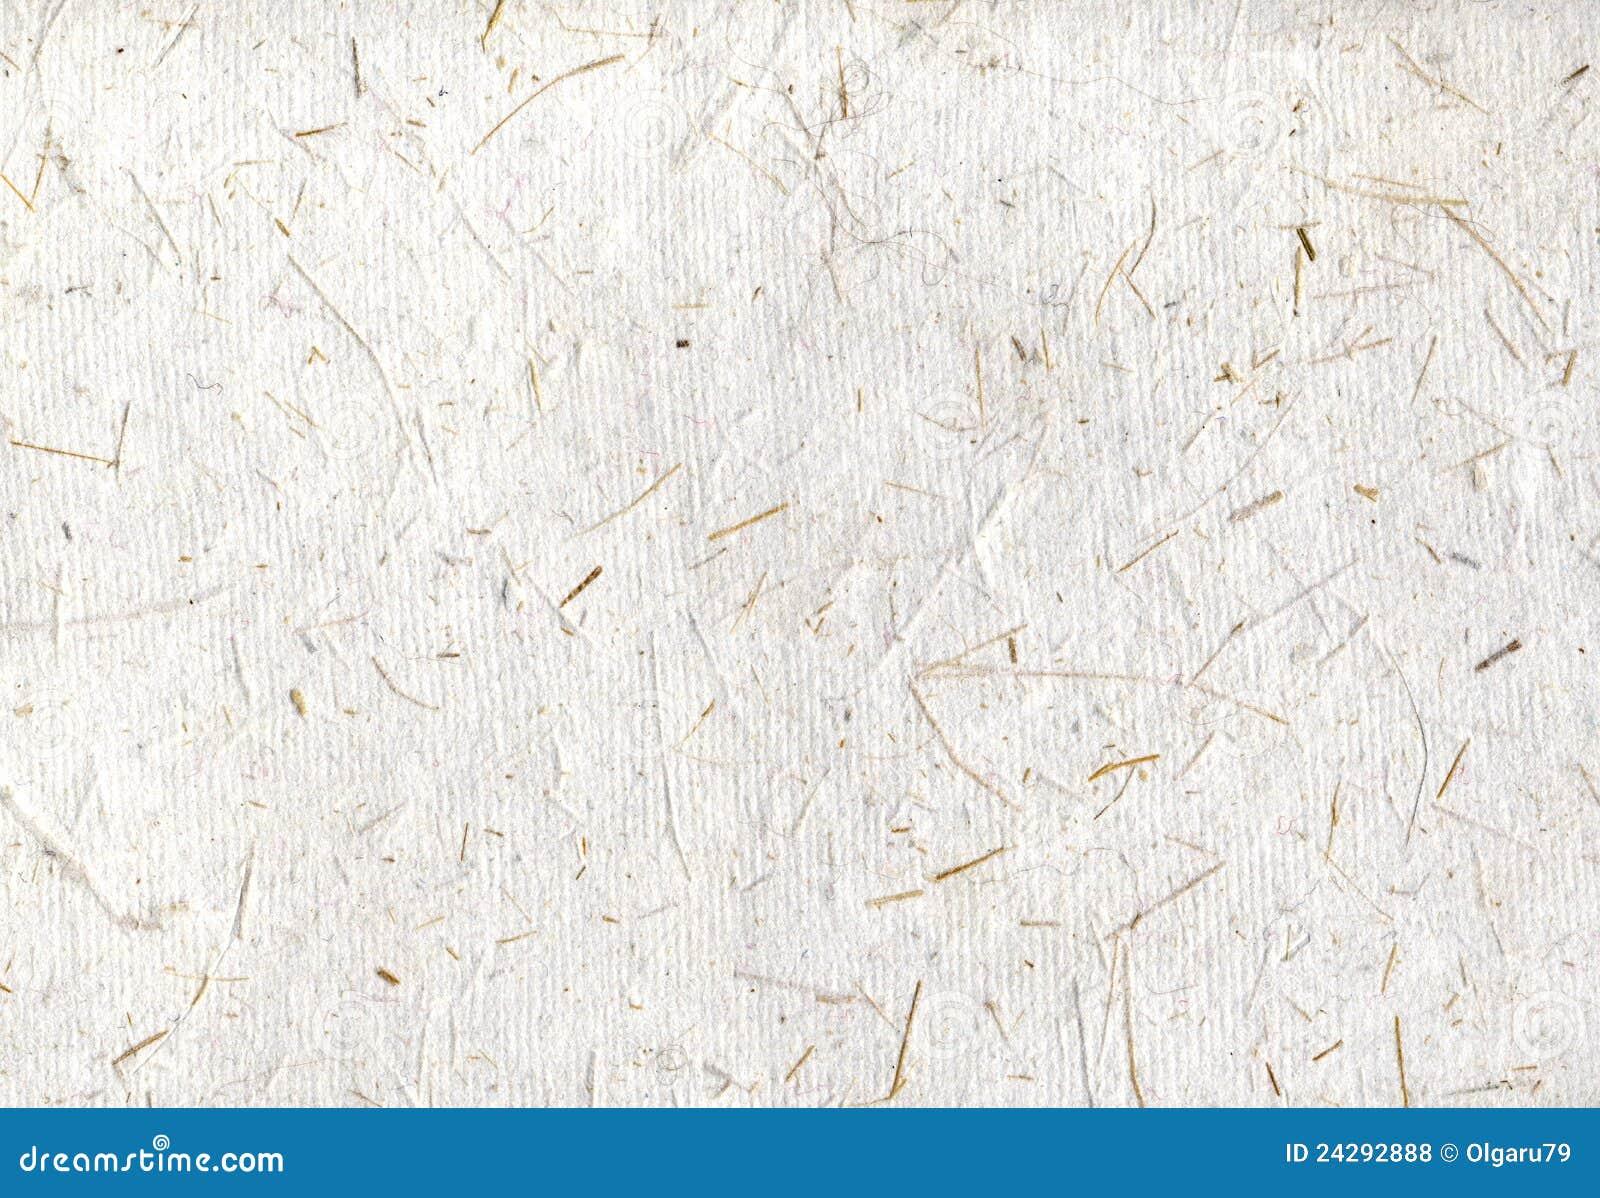 La textura de papel, puede utilizar como fondo